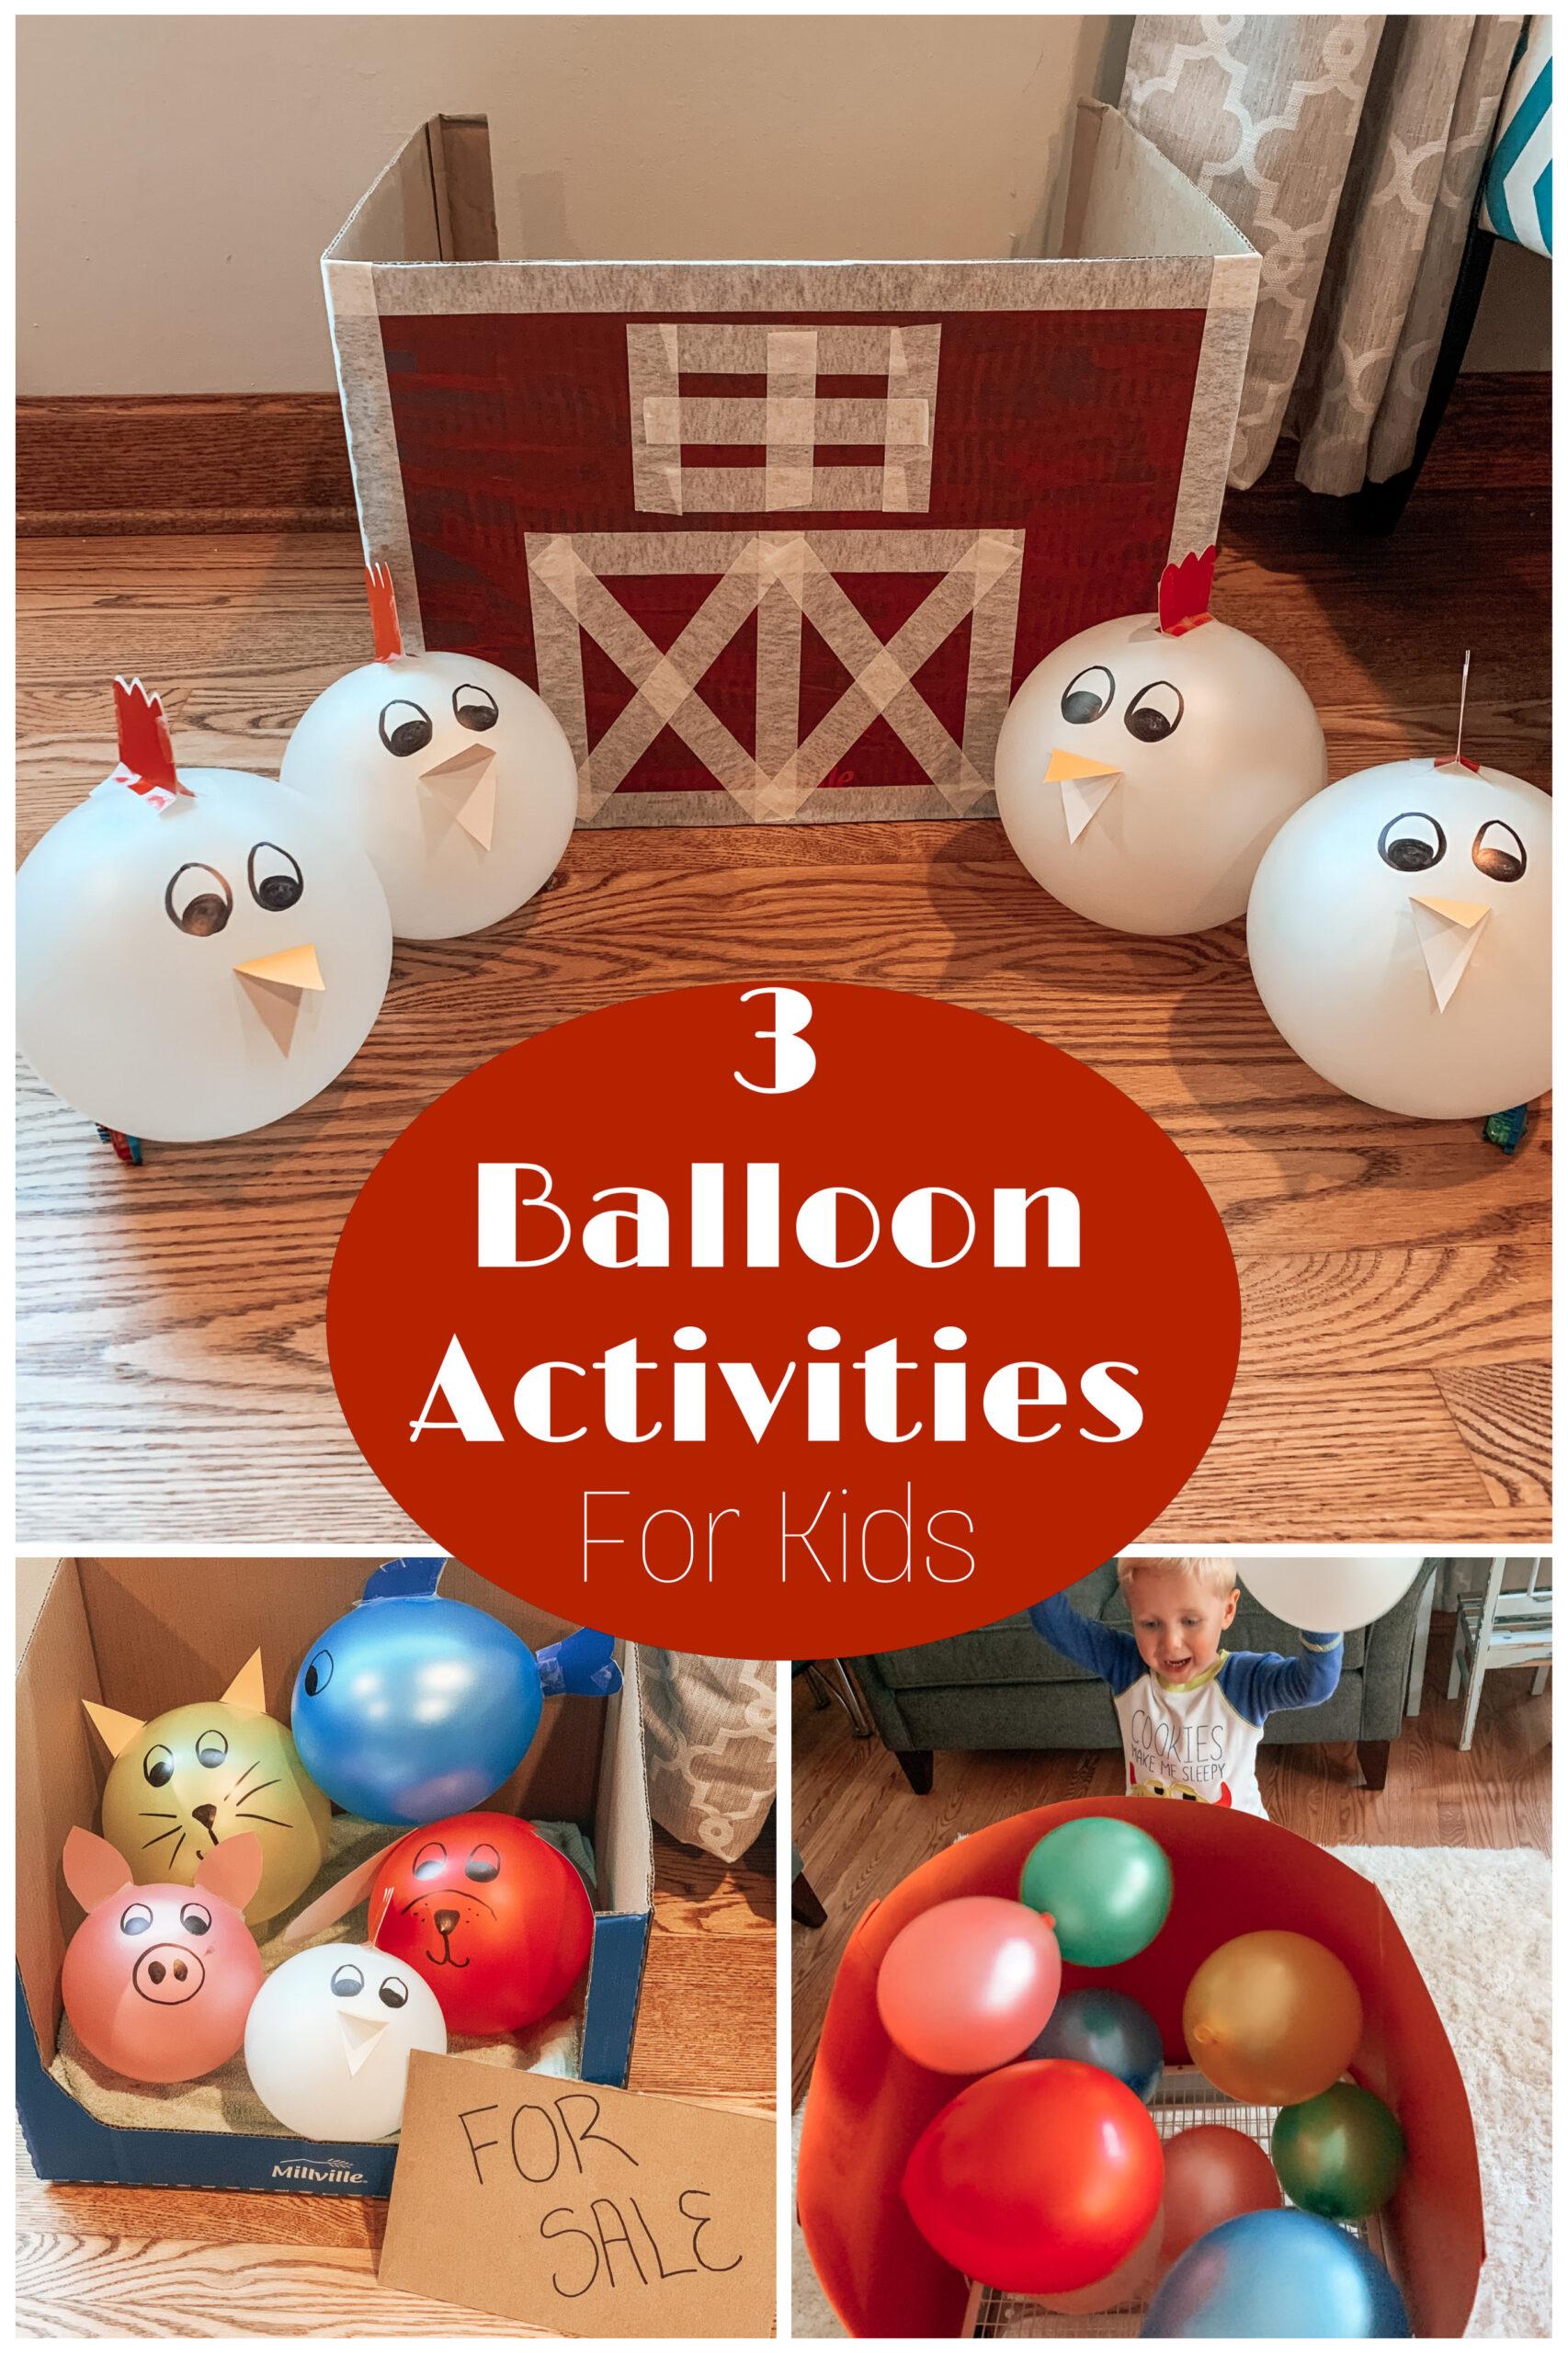 3 Balloon Activities